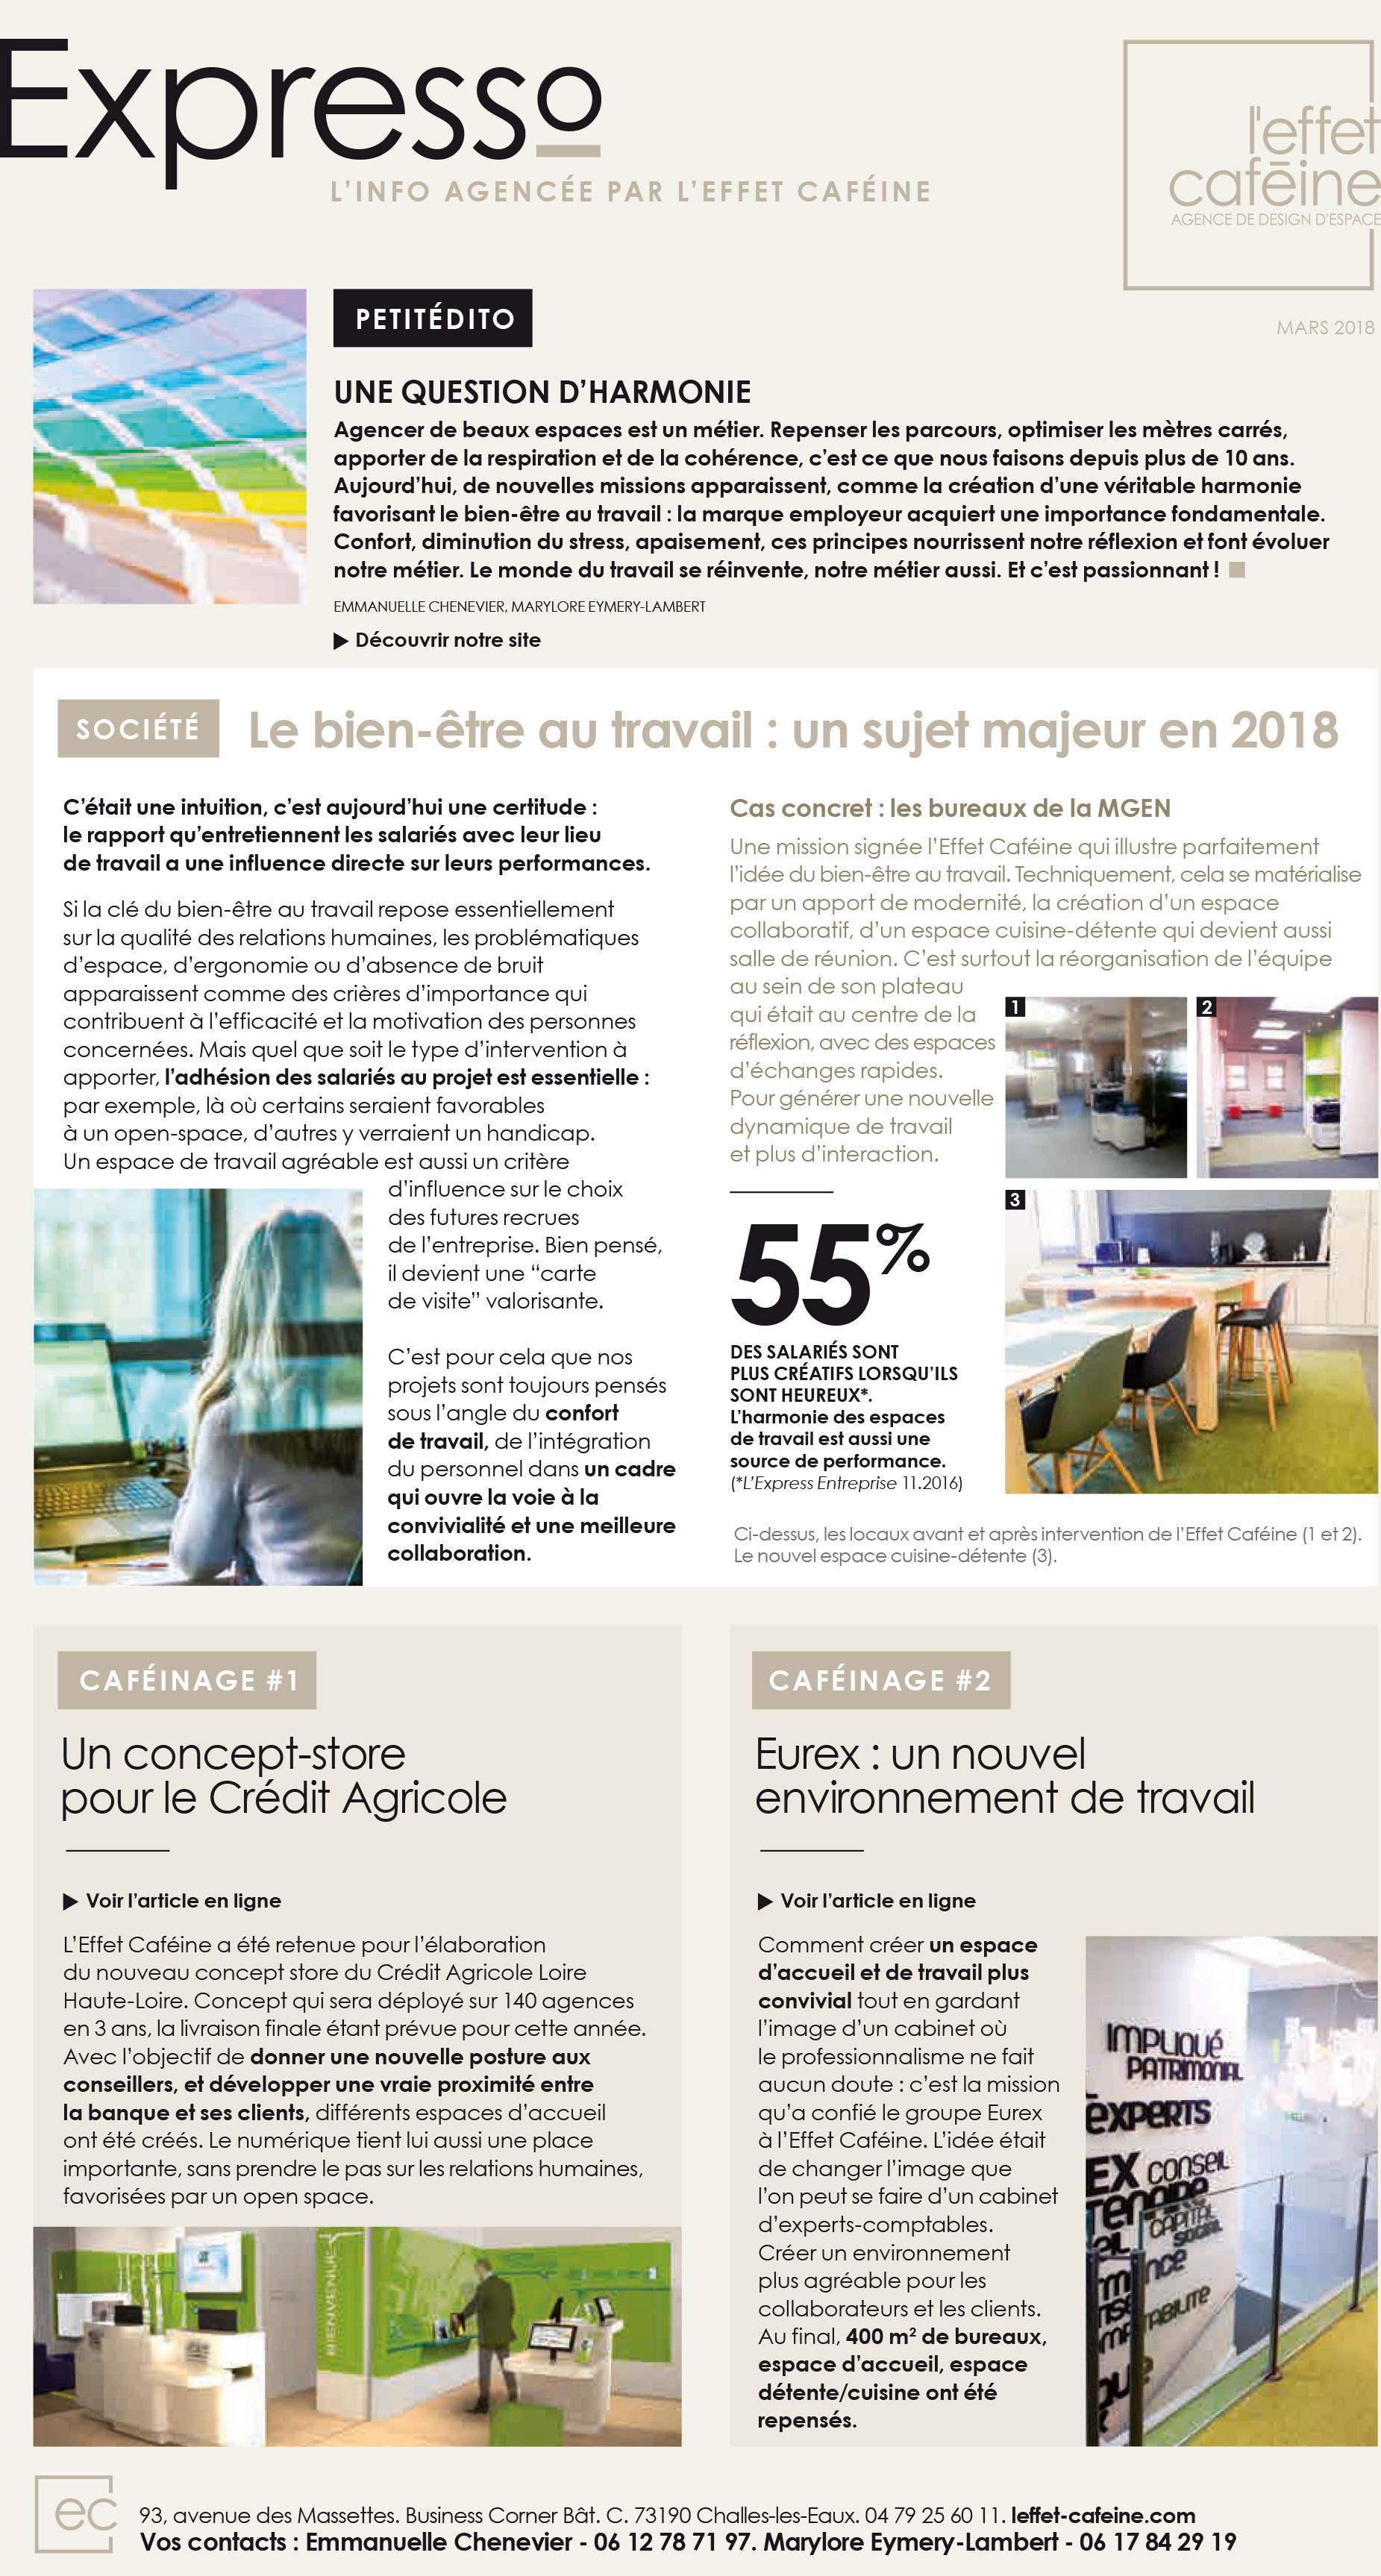 Edito magazine expresso mars 2018